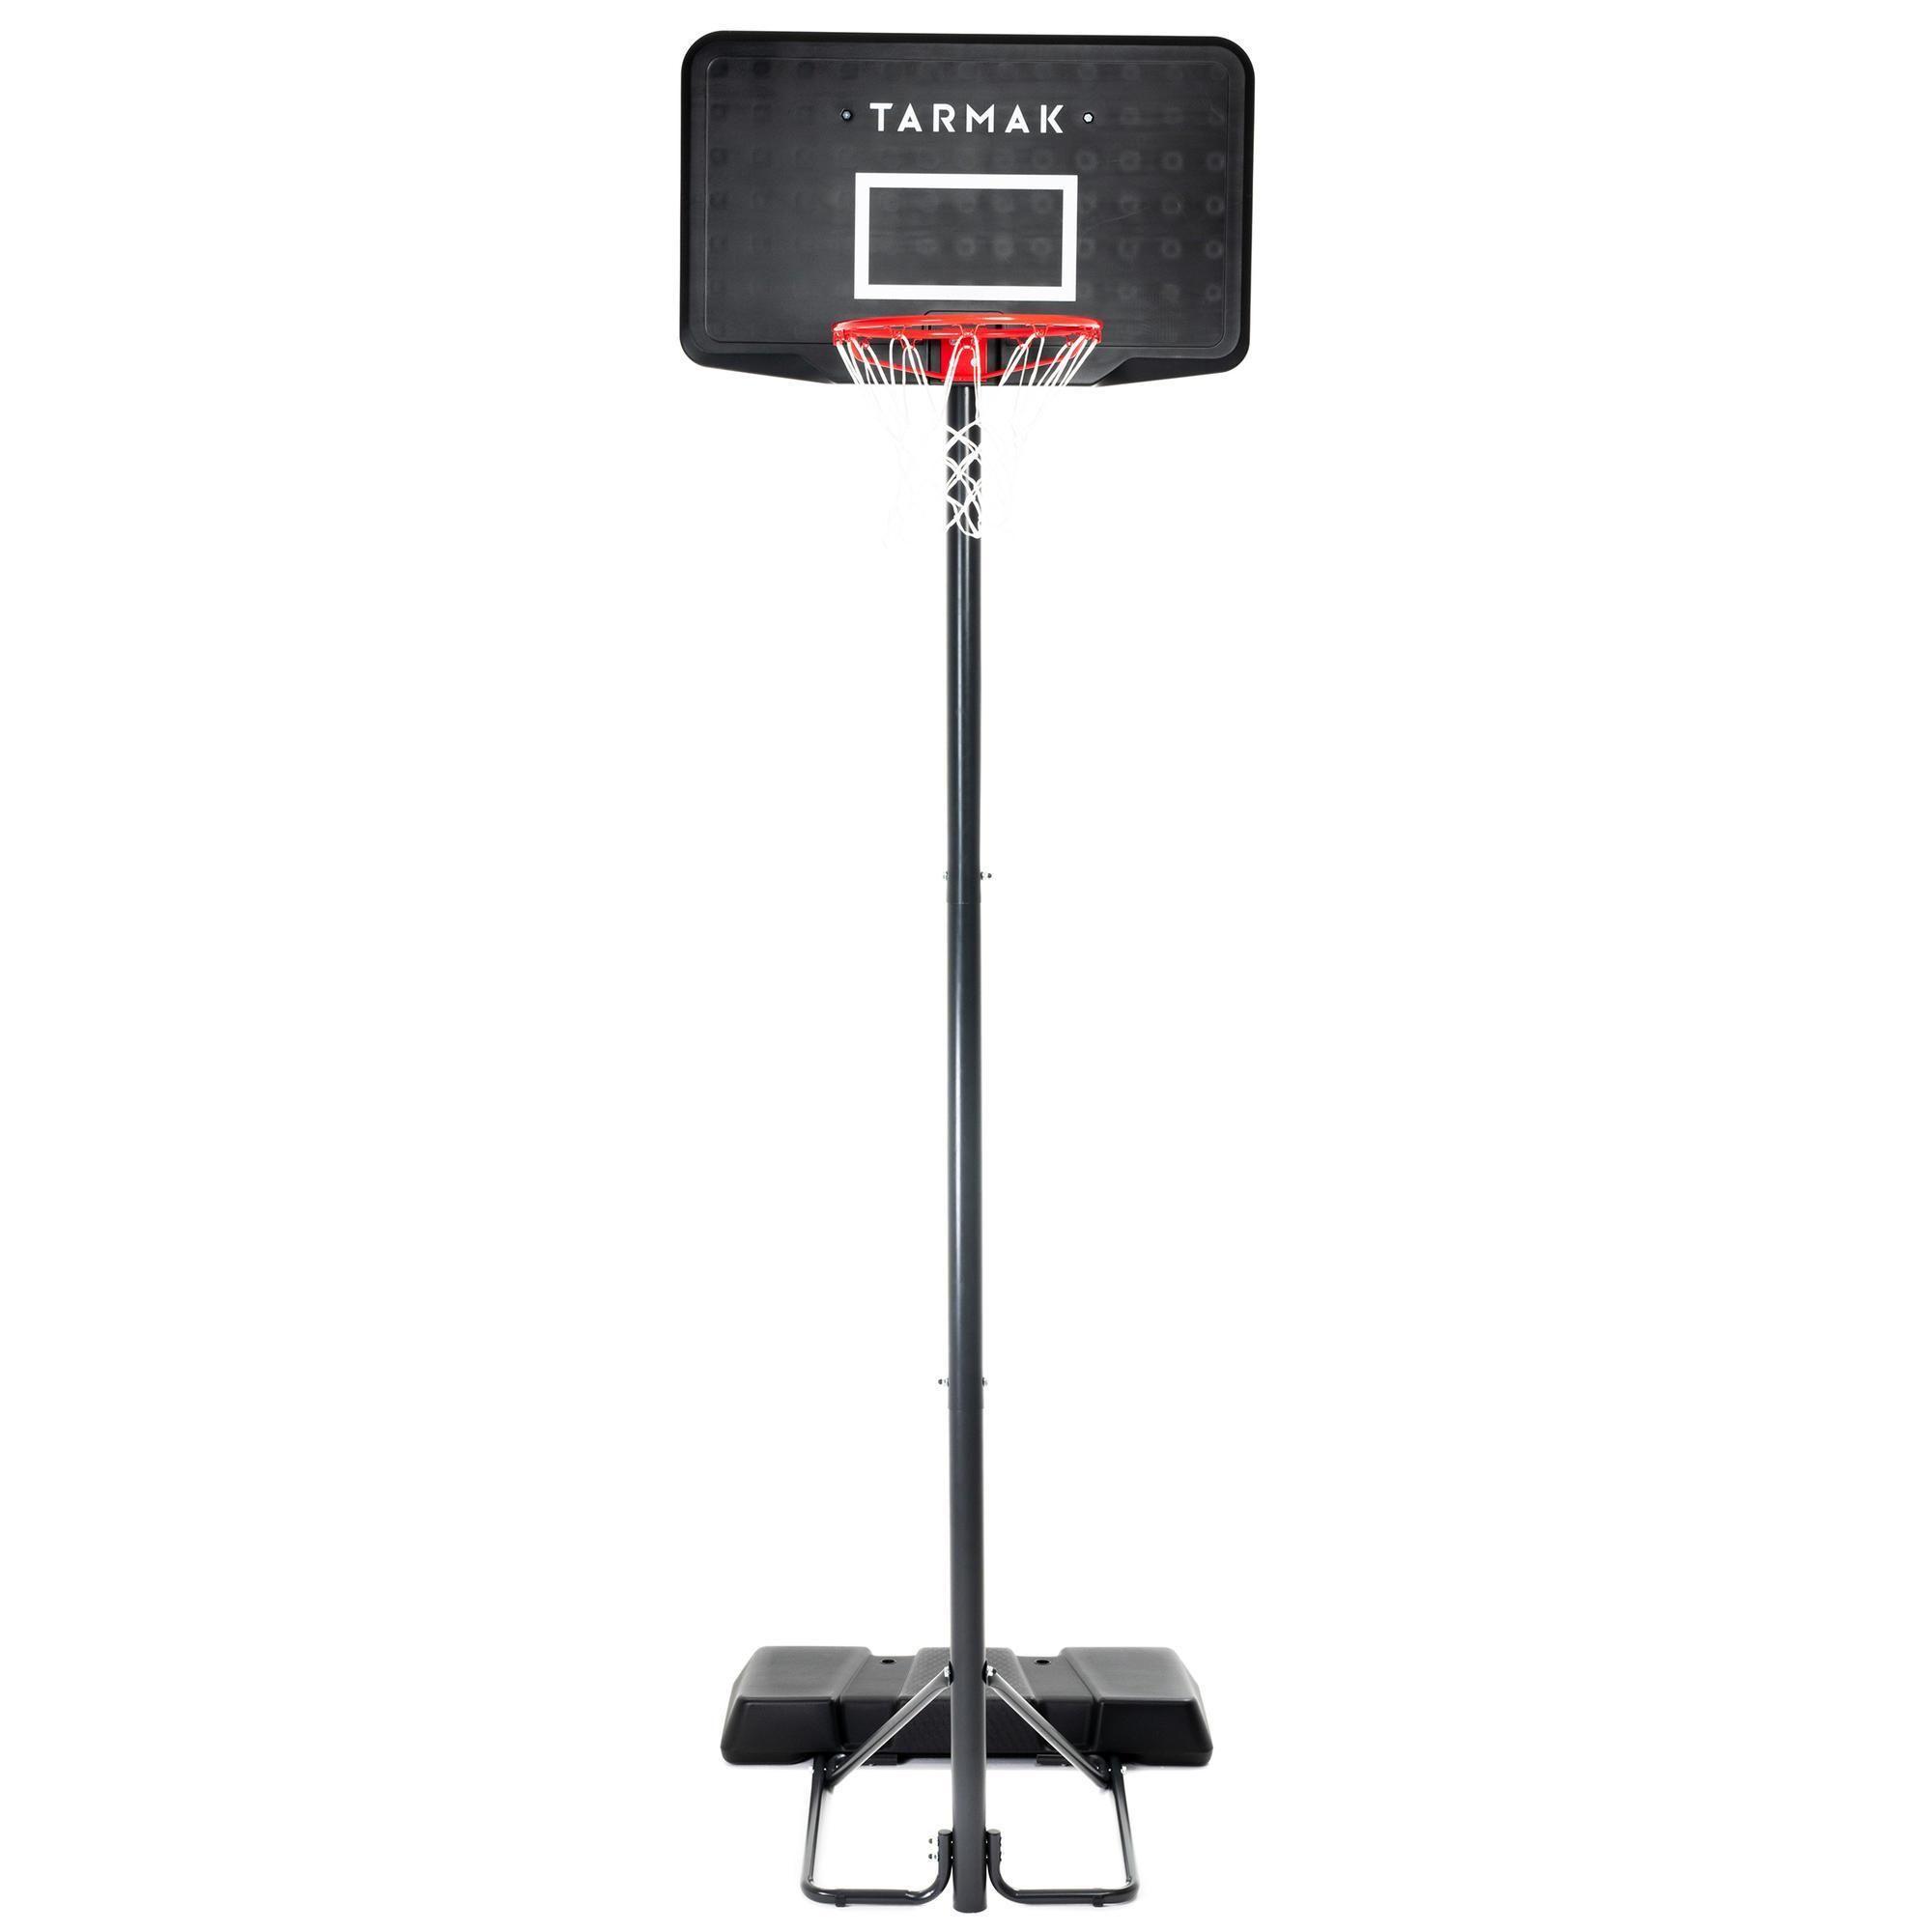 Der Basketballkorb B100 Tarmak Ist Optimal Anfänger Geeignet Es Können 5 Spielhöhen Eingestel Decathlon Tarmak Campin In 2020 Basketballkorb Basketball Zehnkampf